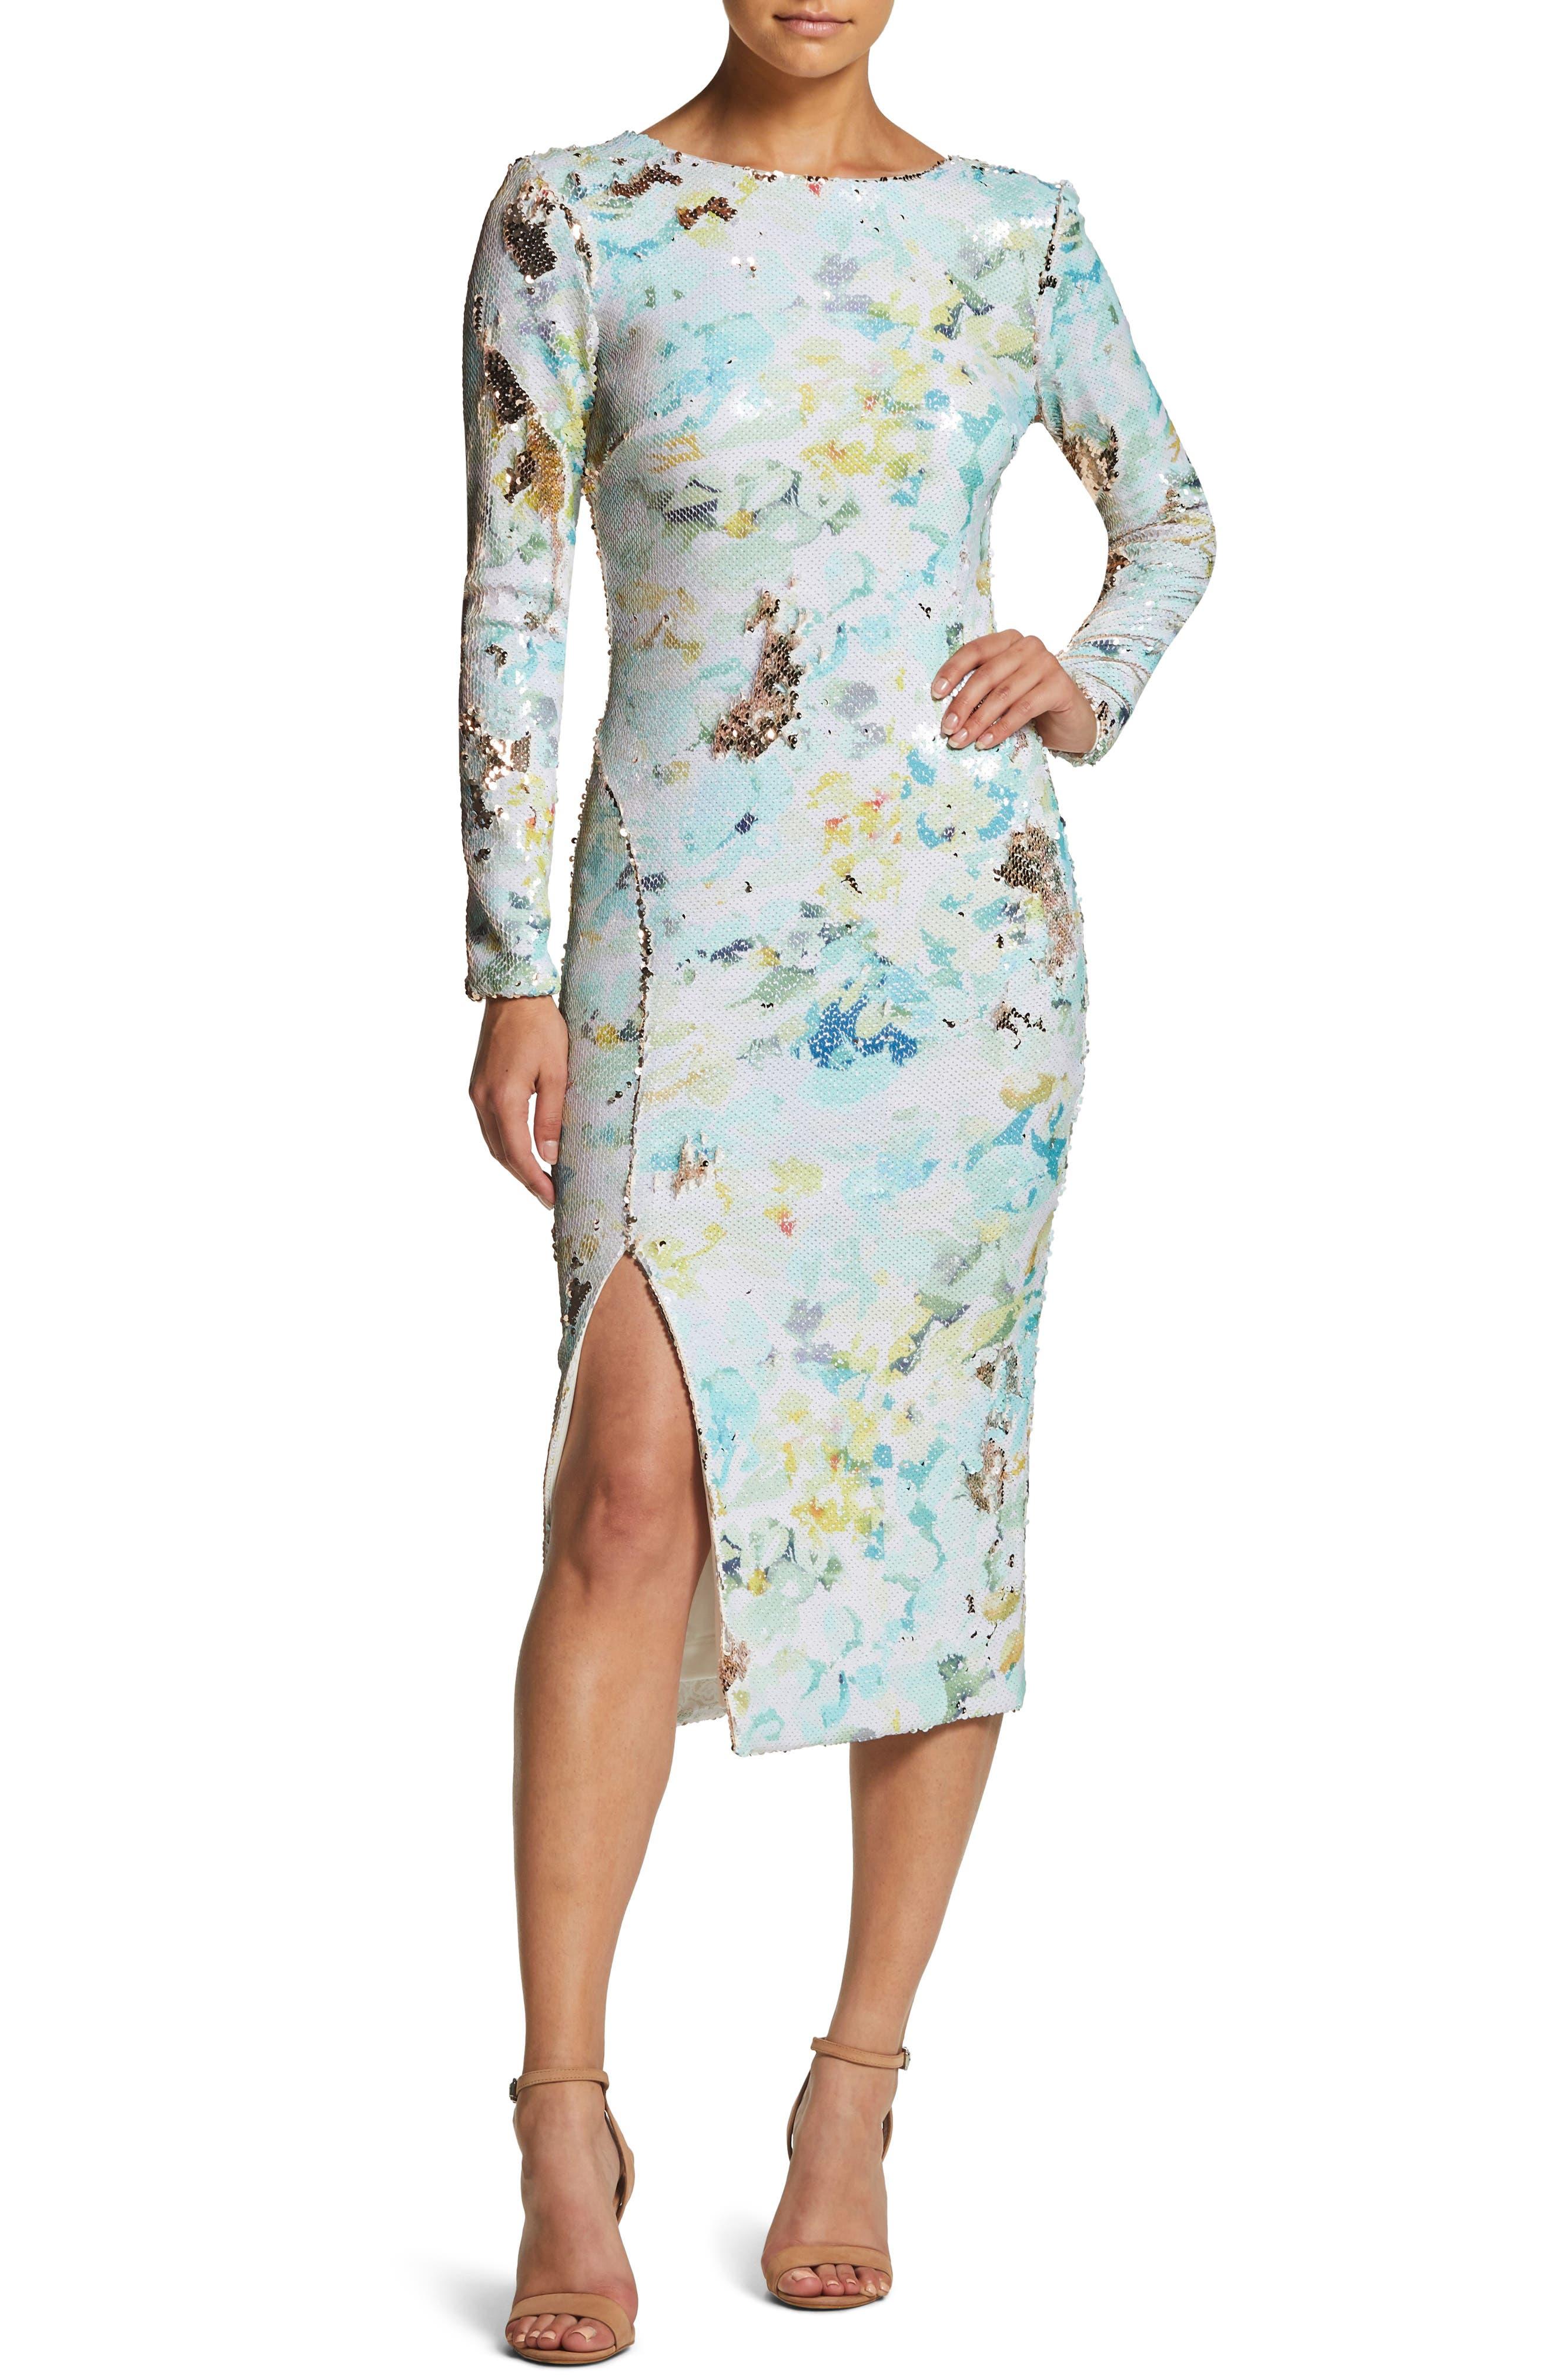 DRESS THE POPULATION Natalie Scoop Back Sequin Dress, Main, color, IVORY/ SAGE/ GOLD